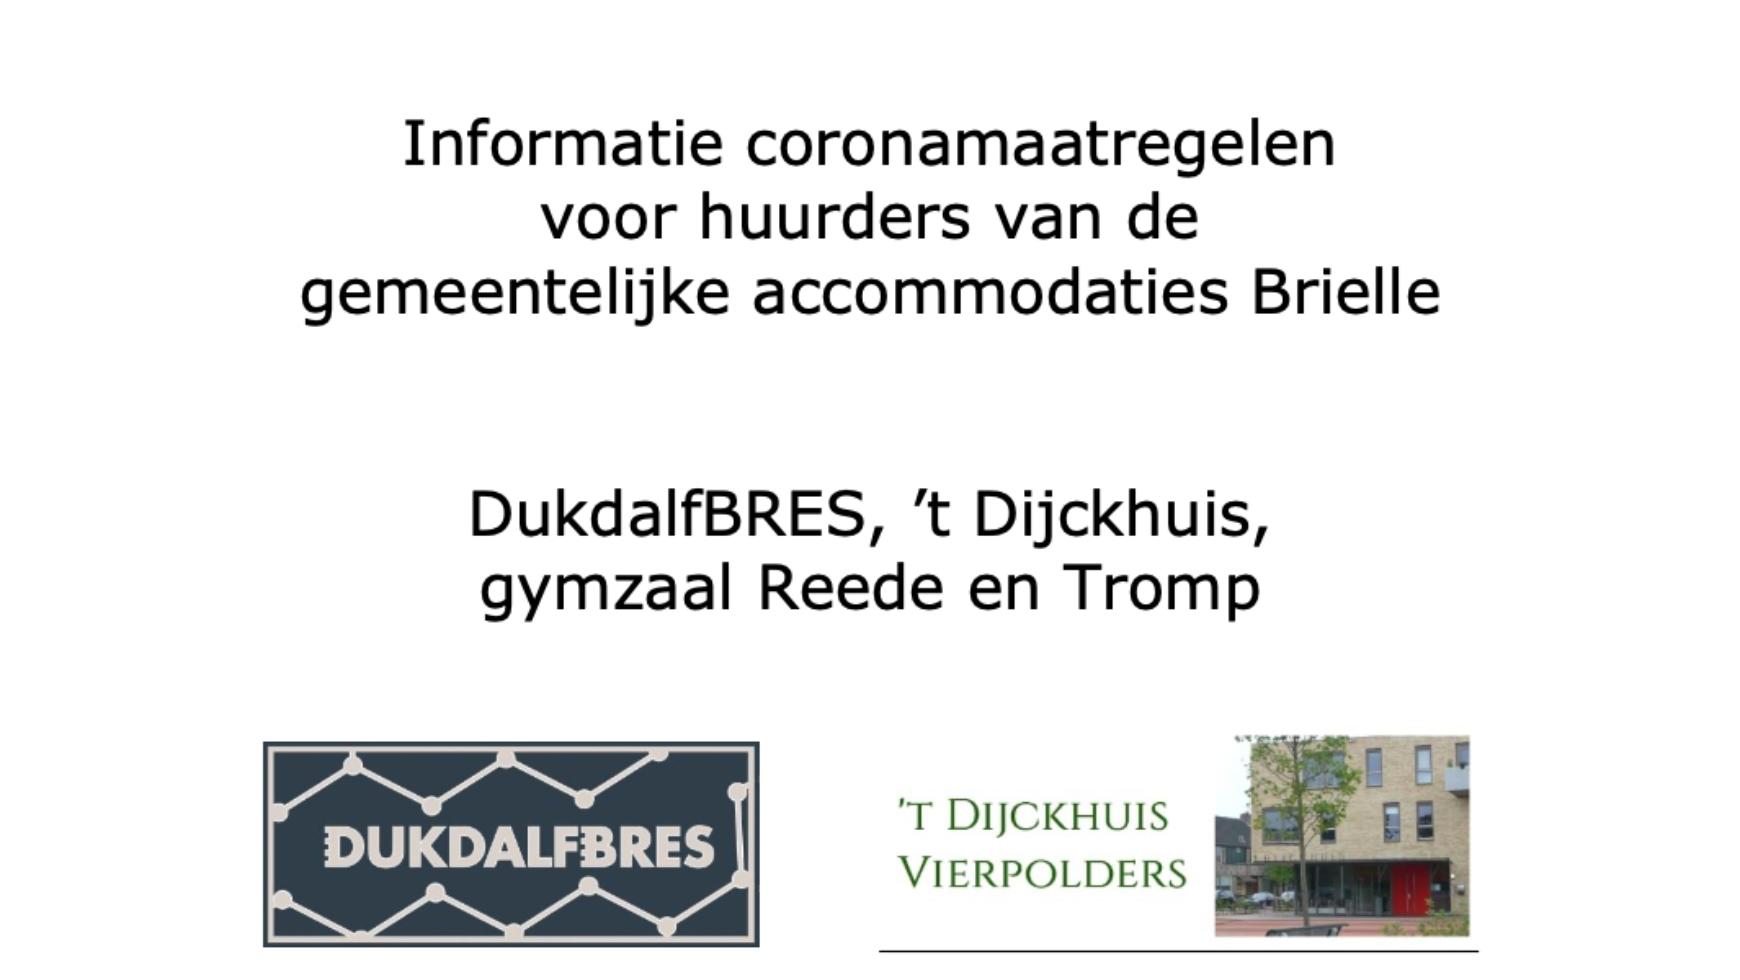 Corona maatregelen 't Dijckhuis